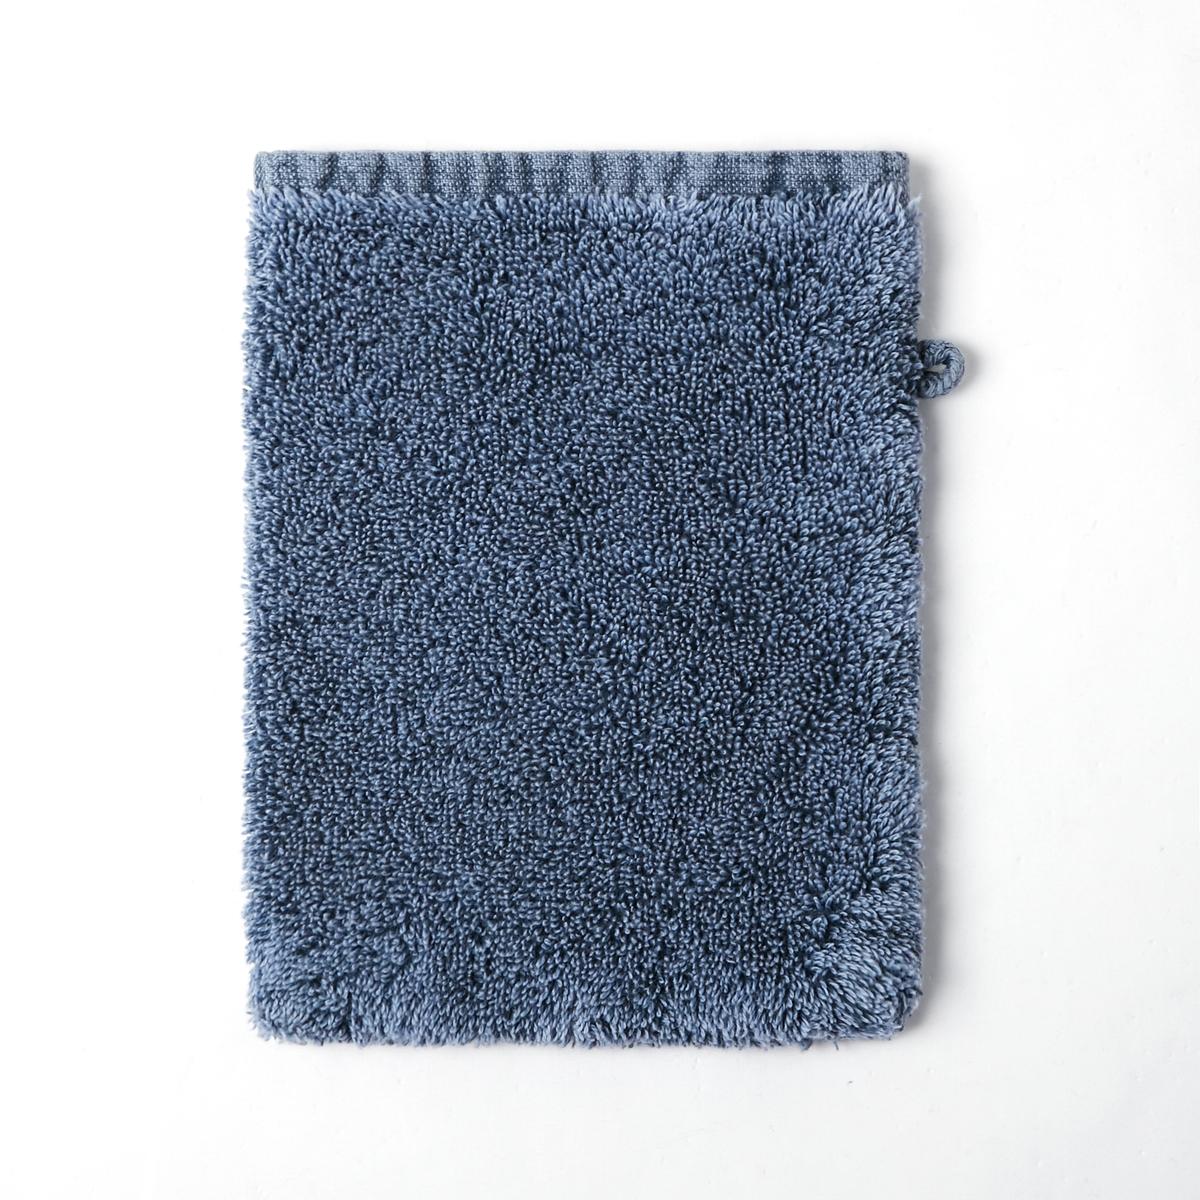 Рукавица банная ANJO, 100% хлопокСостав и описание.КАЧЕСТВО BESTМатериал: 100% сверхмягкий хлопок, цвет: серо-синий потертый с переходом между оттенками, плотность 500 г/м?.Размеры15 x 20 смУходМашинная стирка при 60°C.<br><br>Цвет: синий потертый